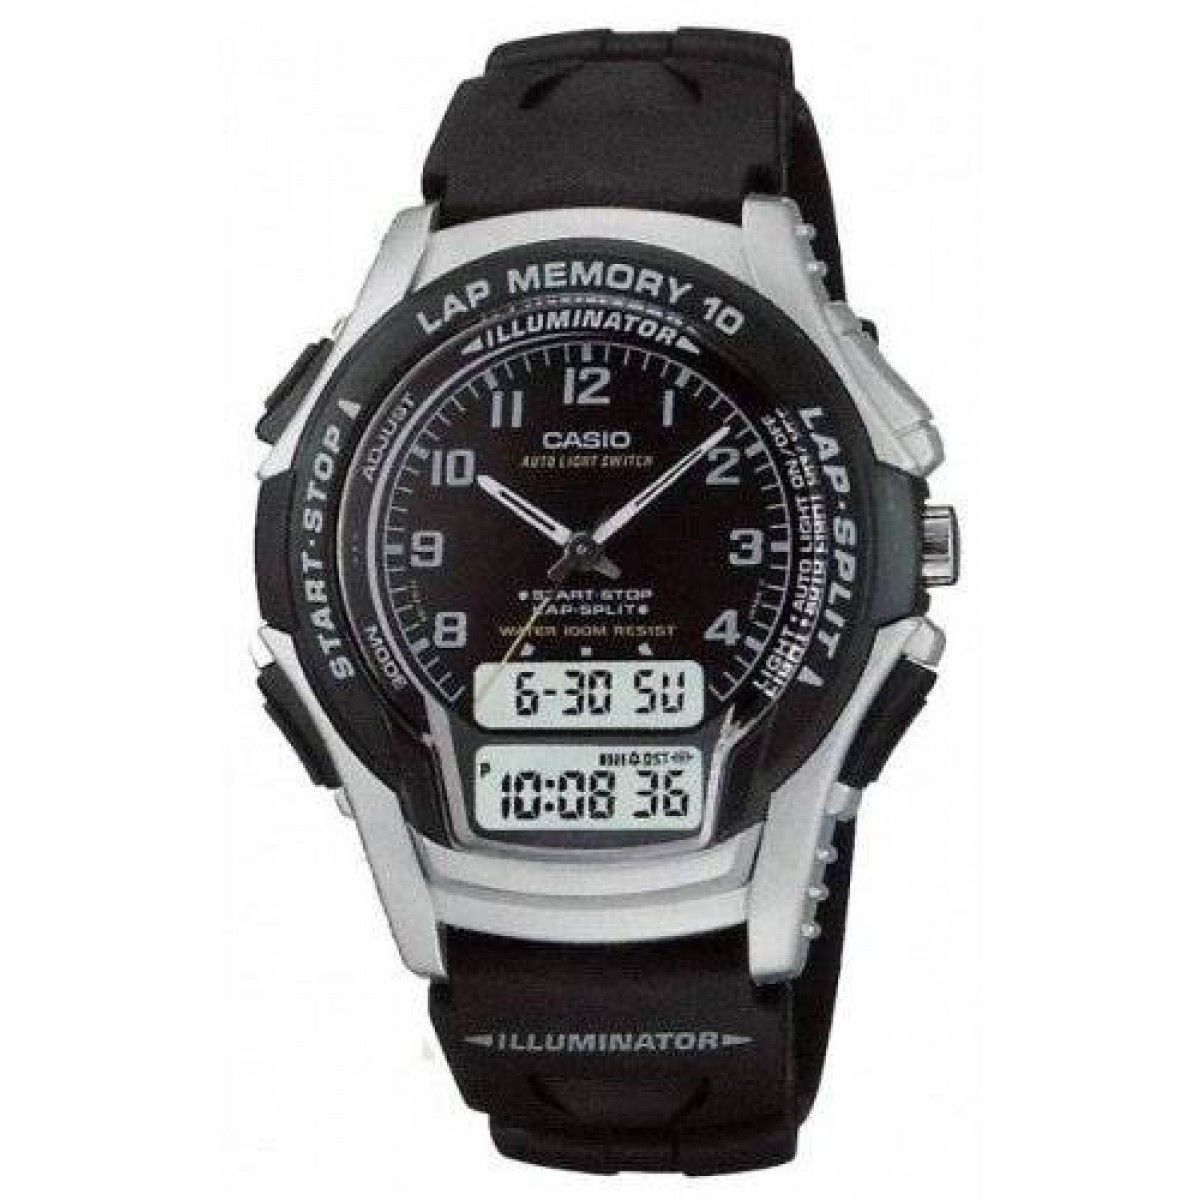 Casio Men's Watch WS 300 1BVSDF | Watches | Sport watches